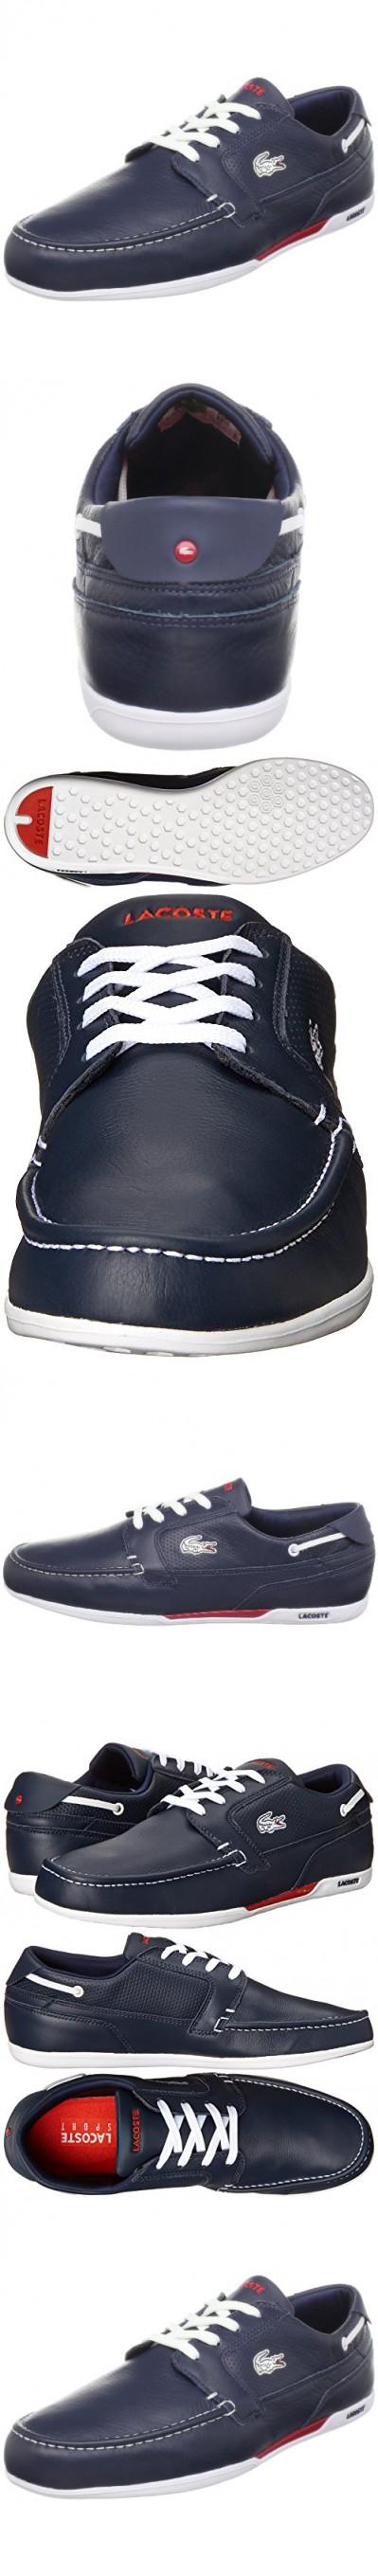 8288d3869de Lacoste Men s Dreyfus Boat Shoe